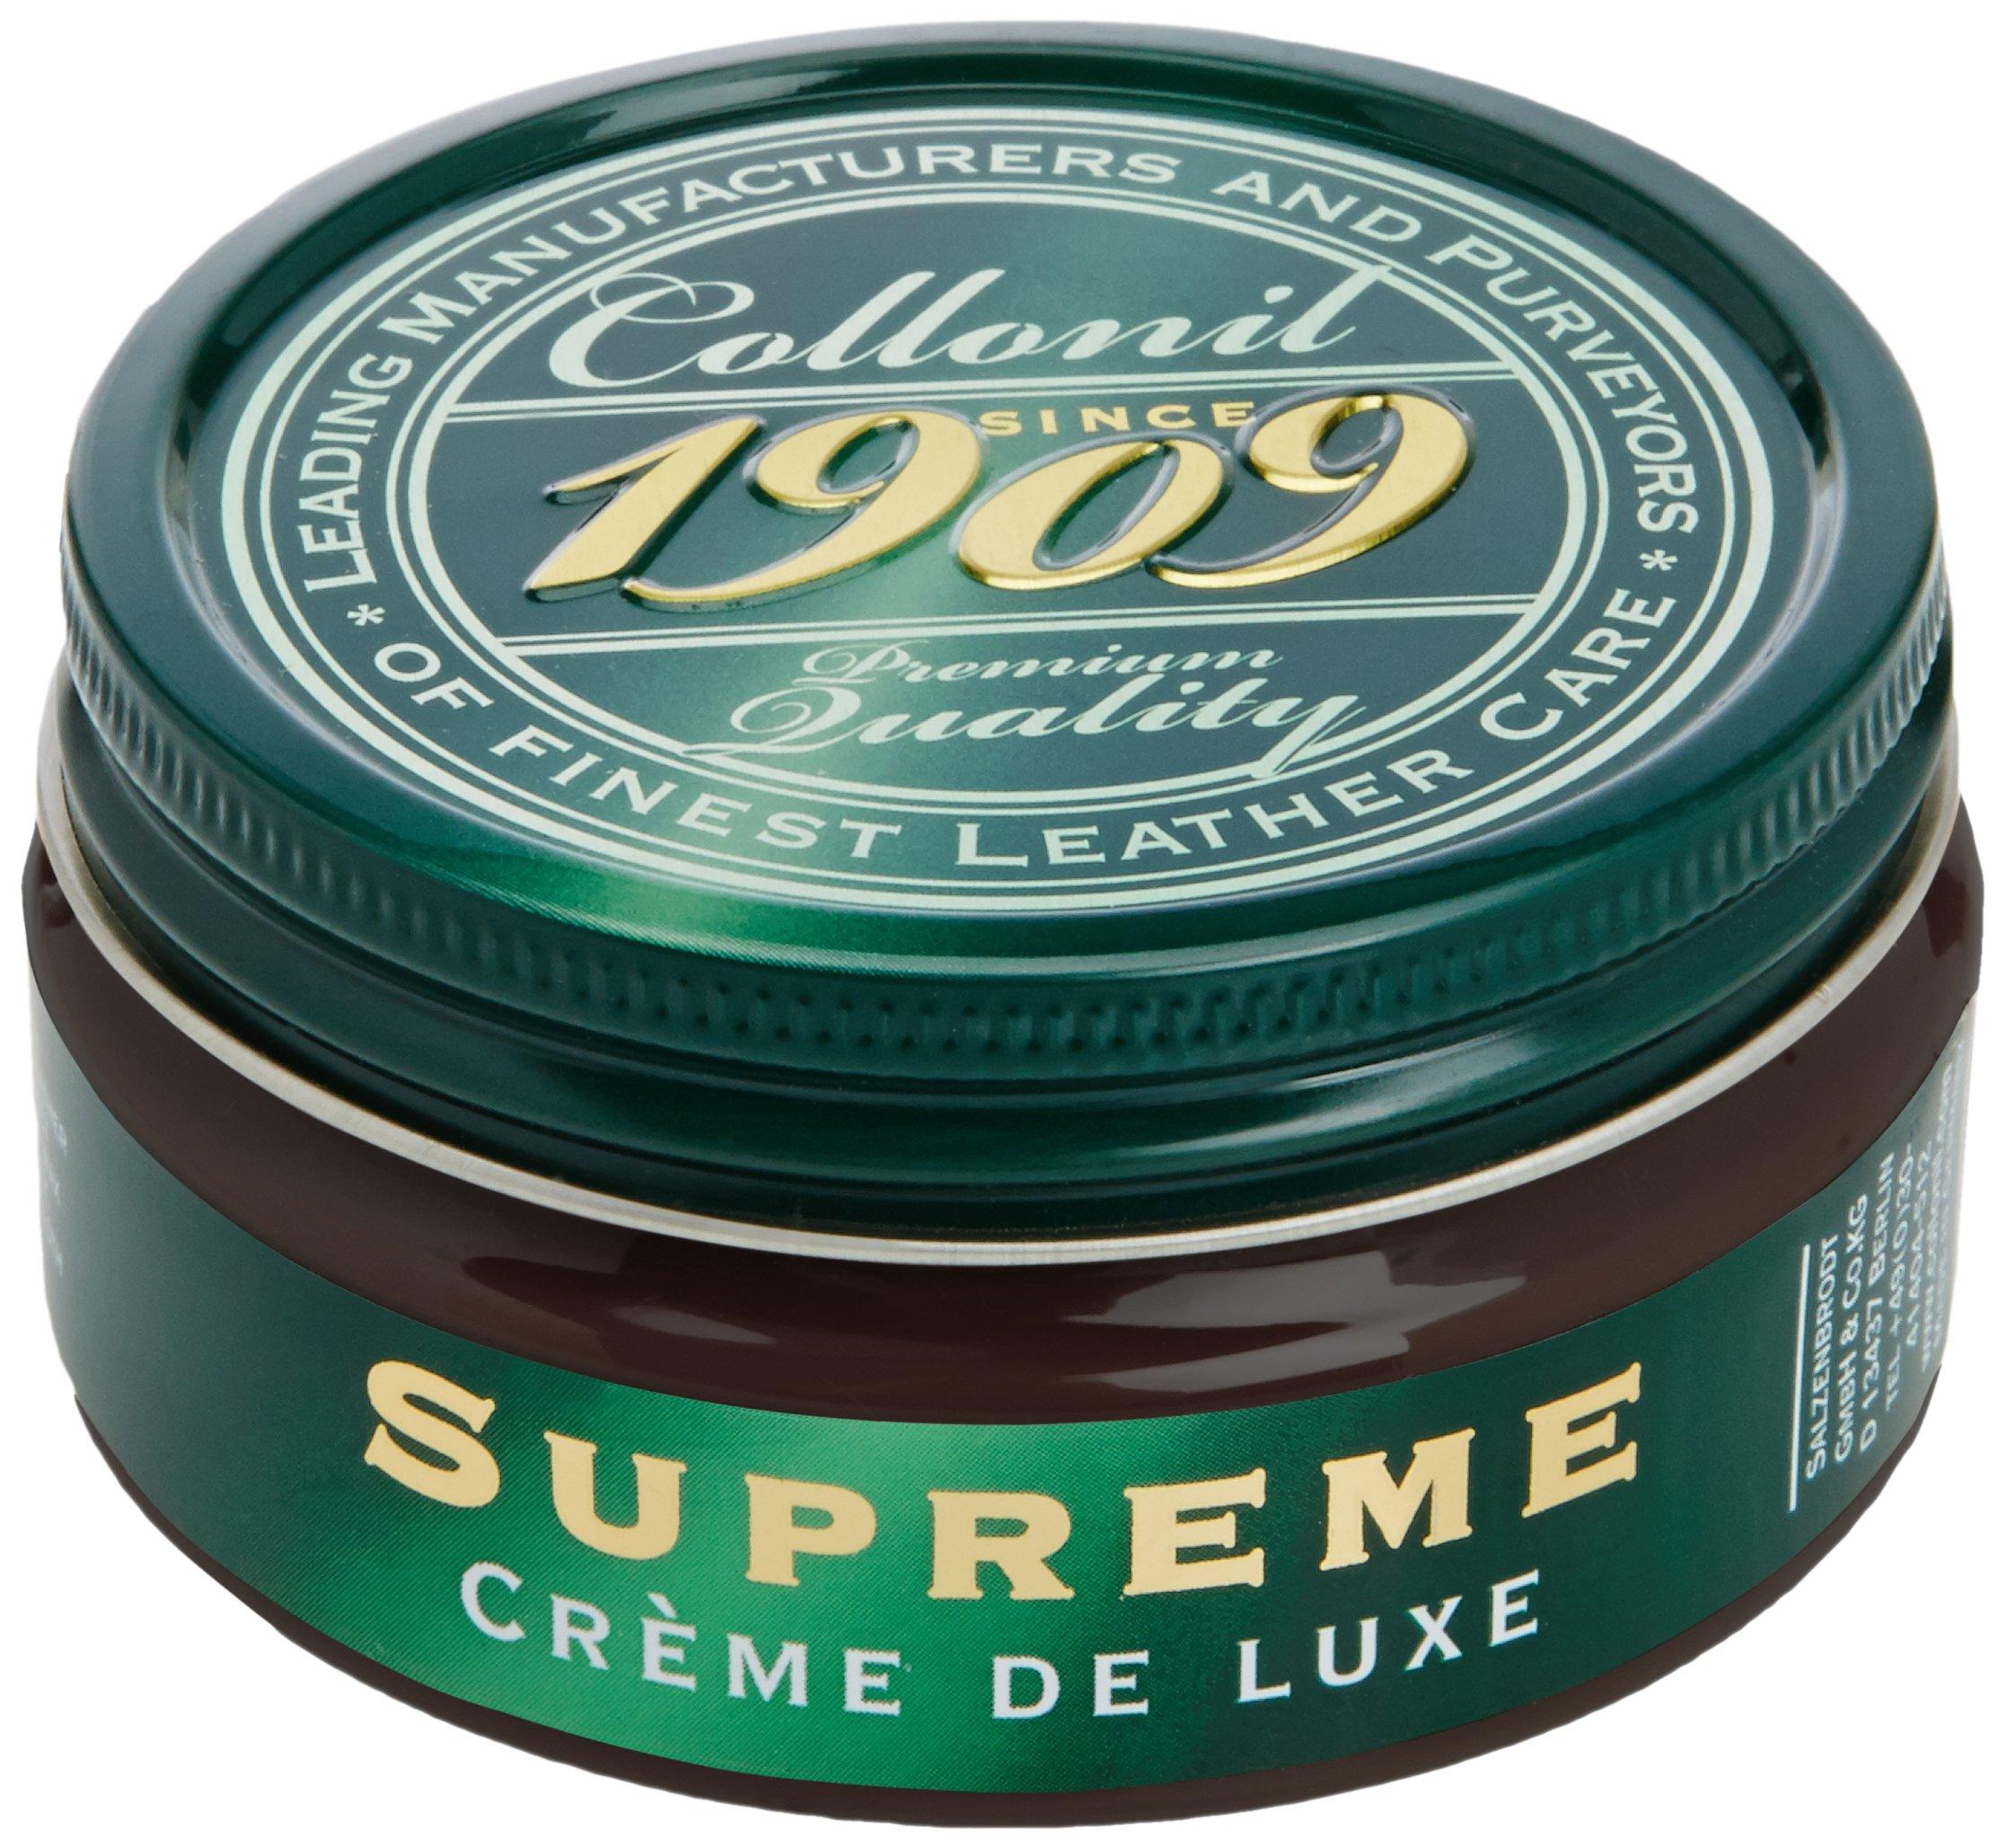 El polaco Collonil 1909 'Supreme Creme' protege y revive la